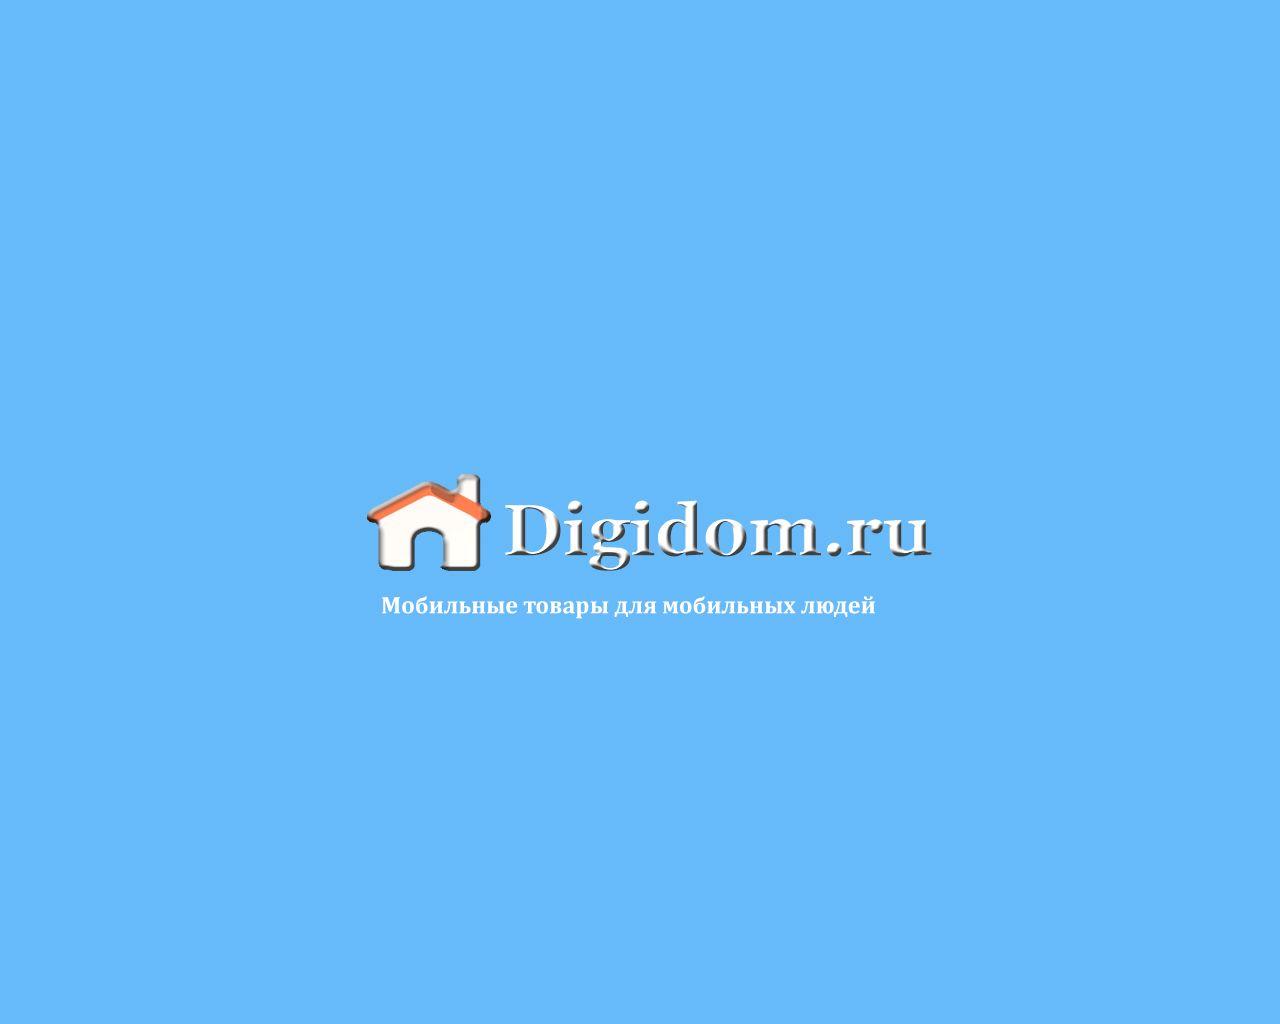 Логотип интернет-магазина мобильных устройств - дизайнер zeykandeveloper